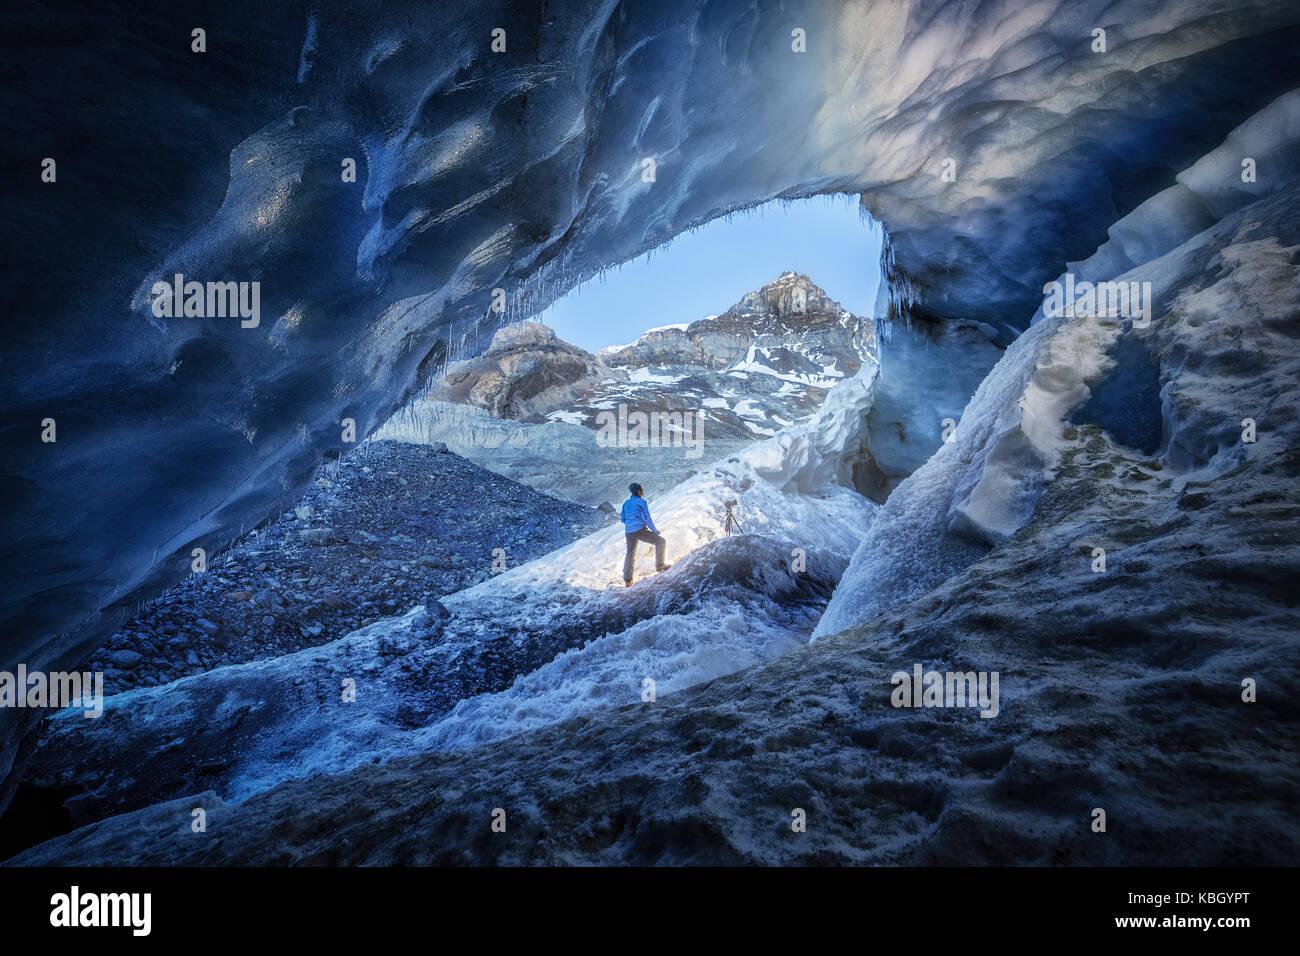 Fotograf in einer Eishöhle während einer Fotografie Expedition im Athabasca Gletscher Stockbild